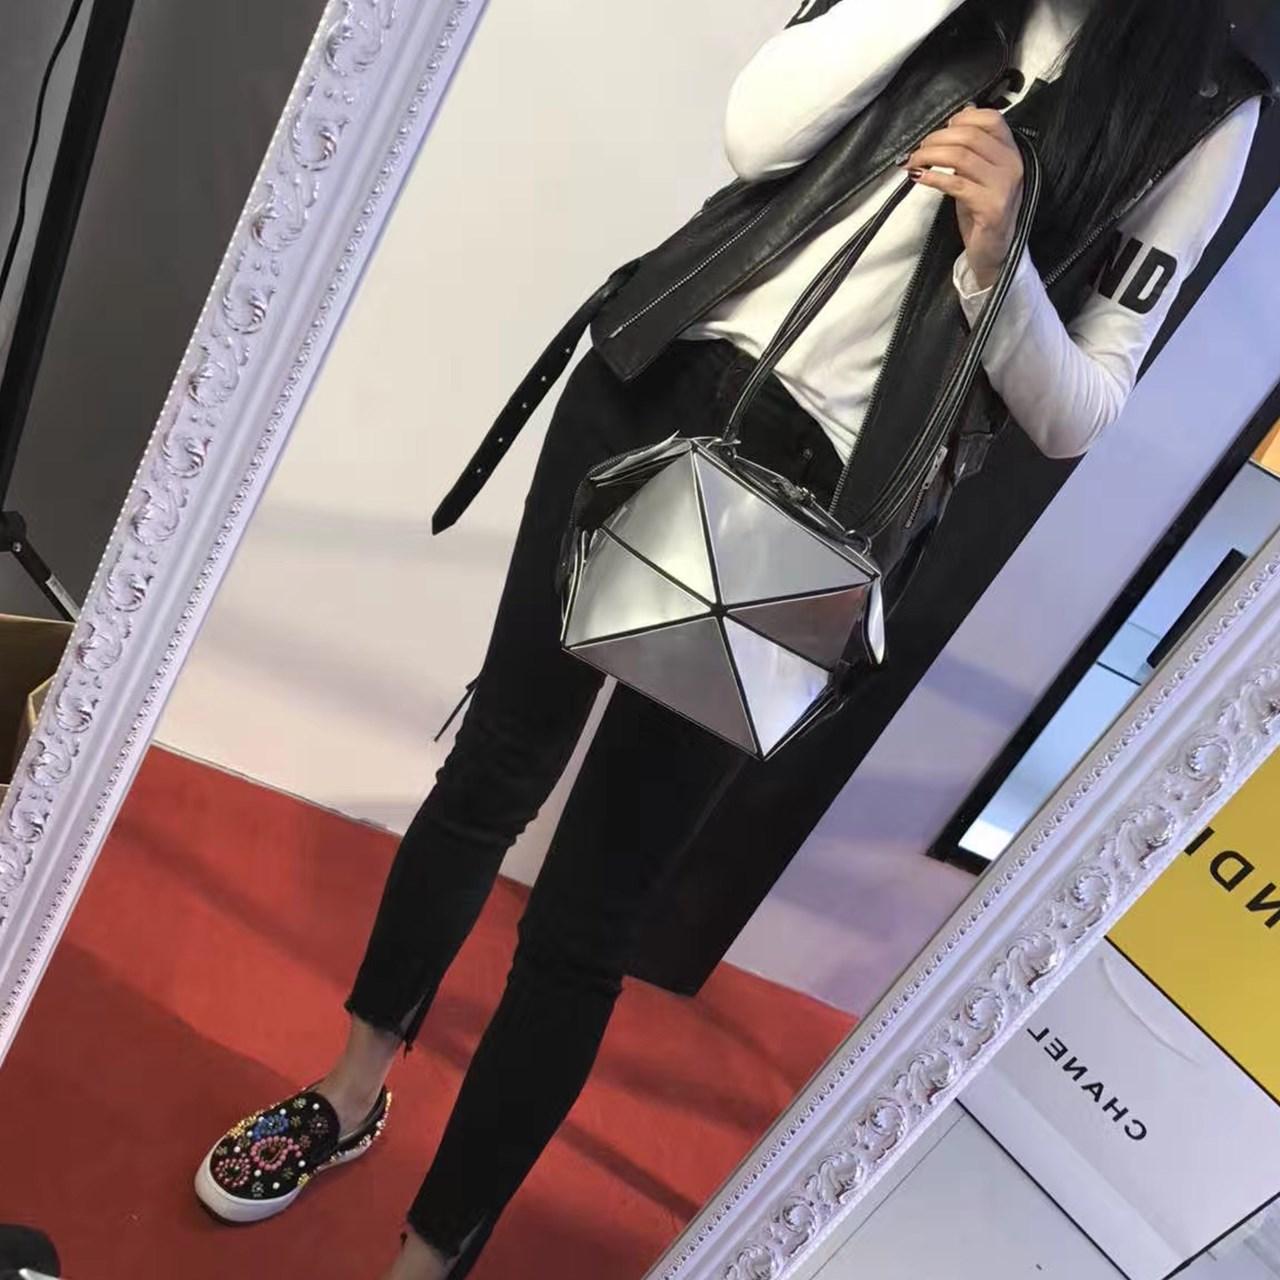 2019新款韩国东大门女包百变魔方托特包几何菱格变形包单肩手提包